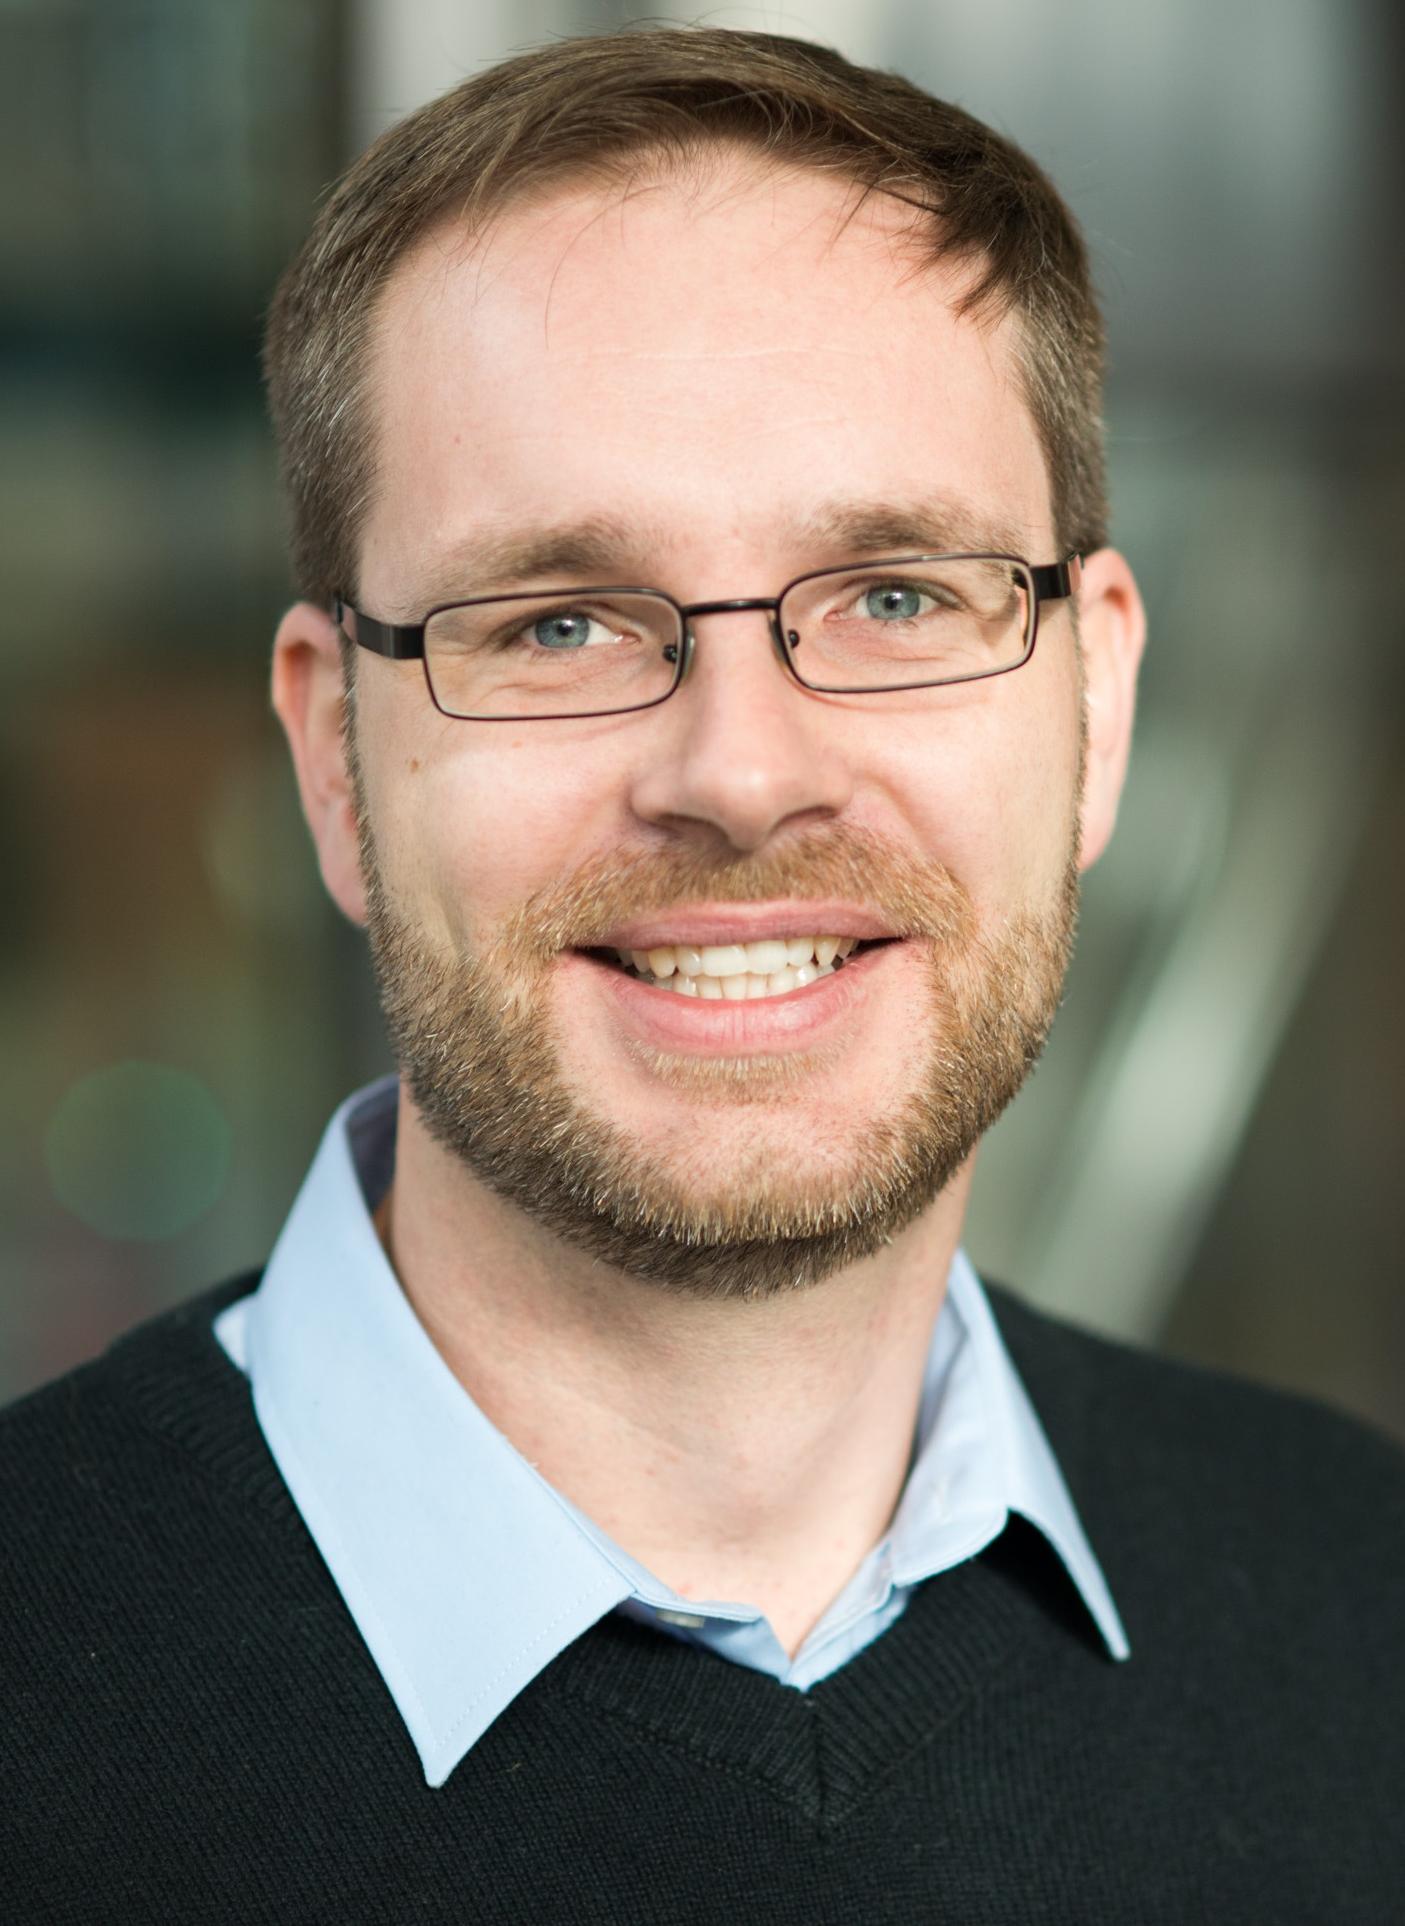 Dr Nico Jehmlich Helmholtz Zentrum Für Umweltforschung UFZ